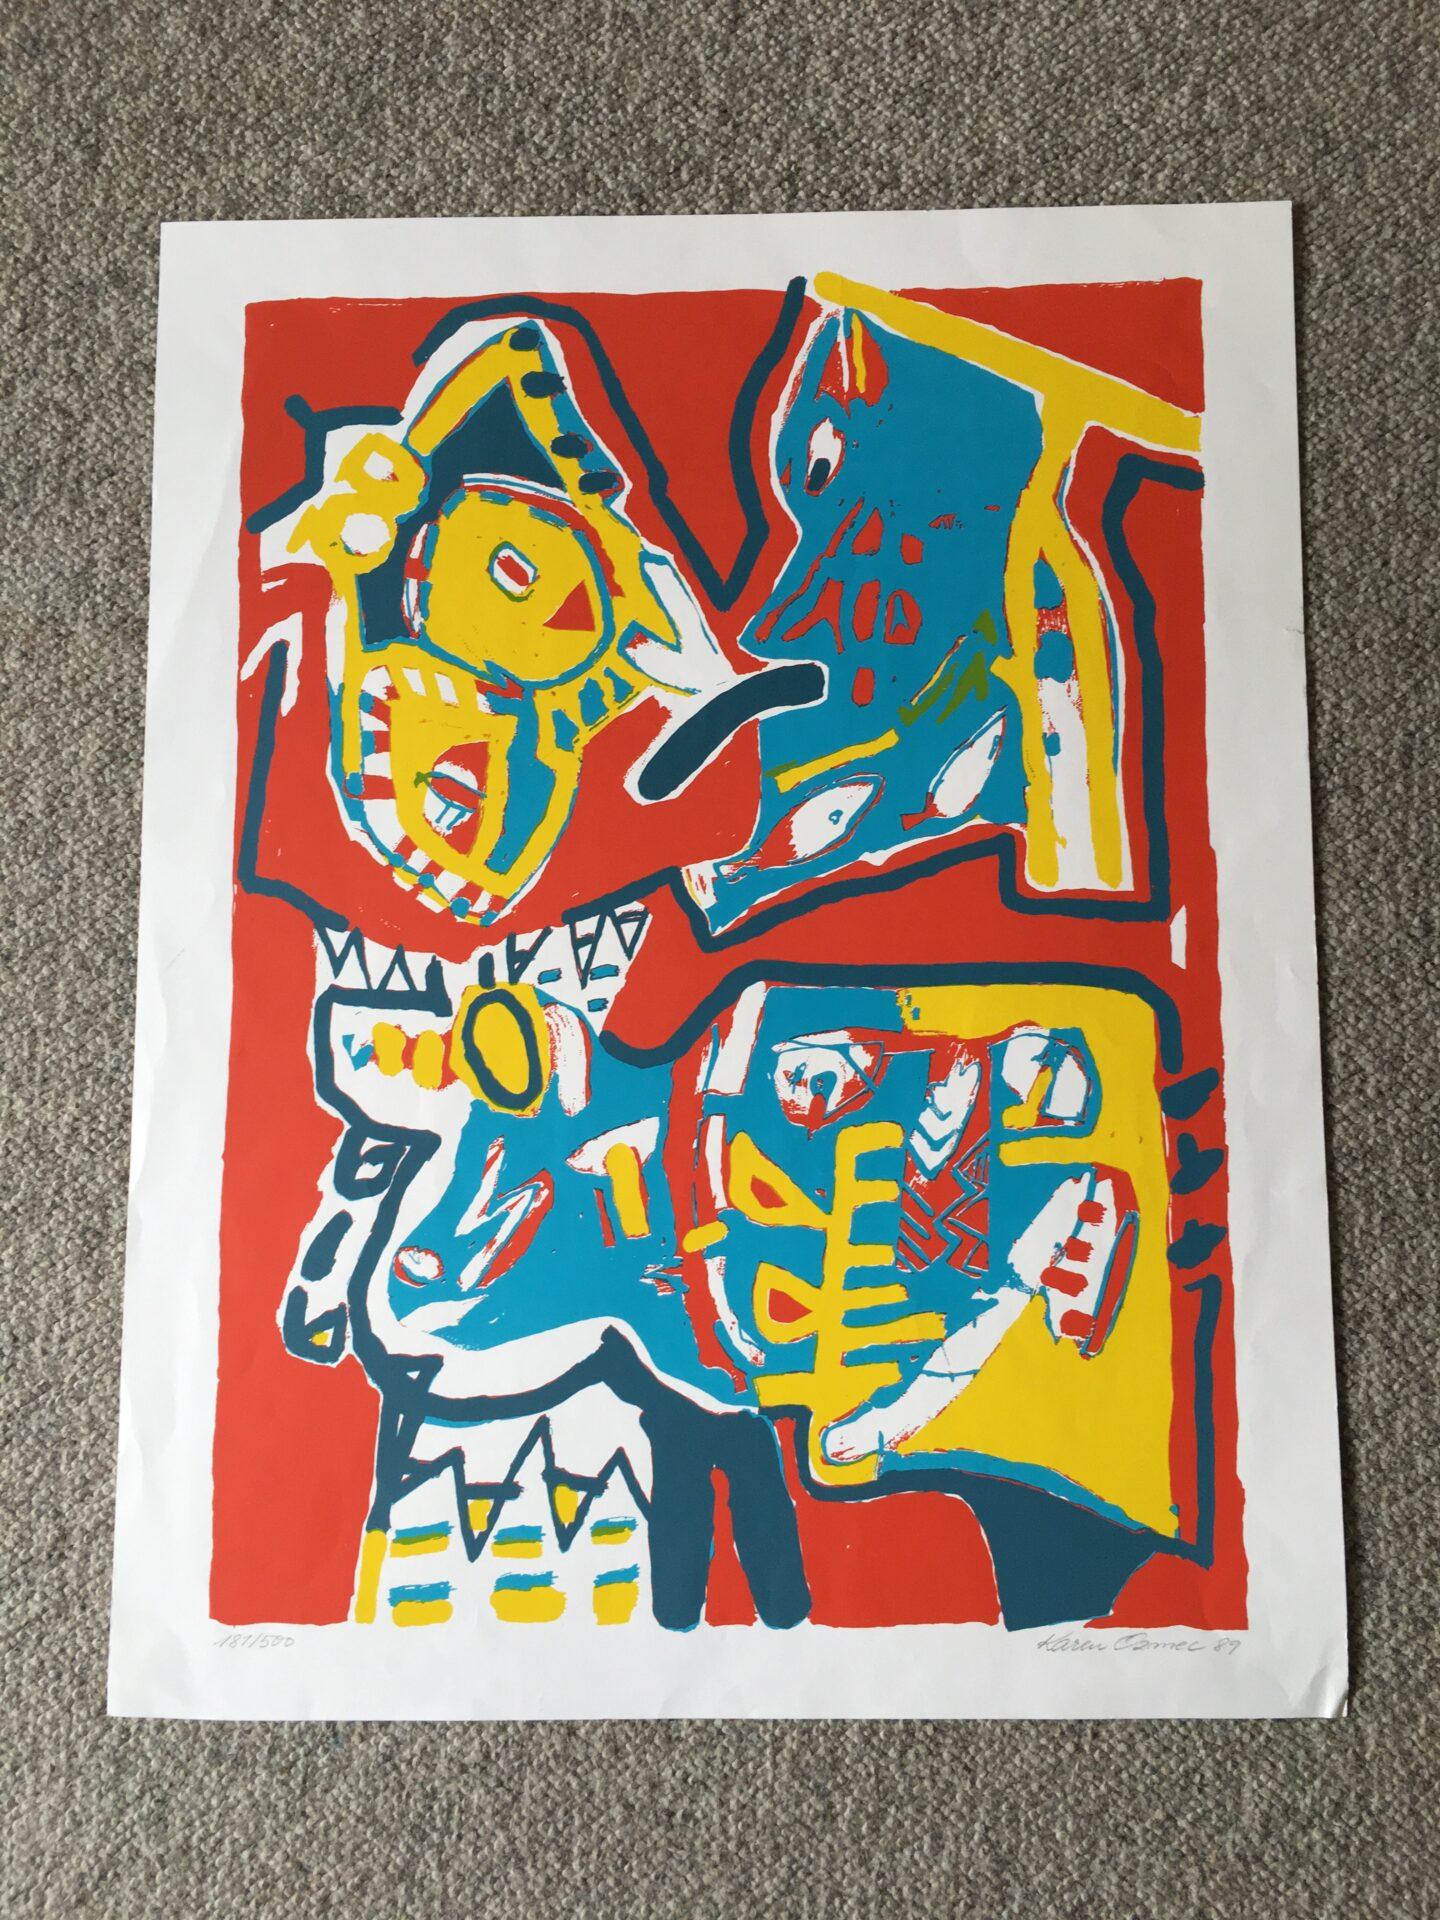 Karen Ozmec, litografi nr.181/500, signeret i 89, uindrammet, 58x44 cm, pris 300 kr